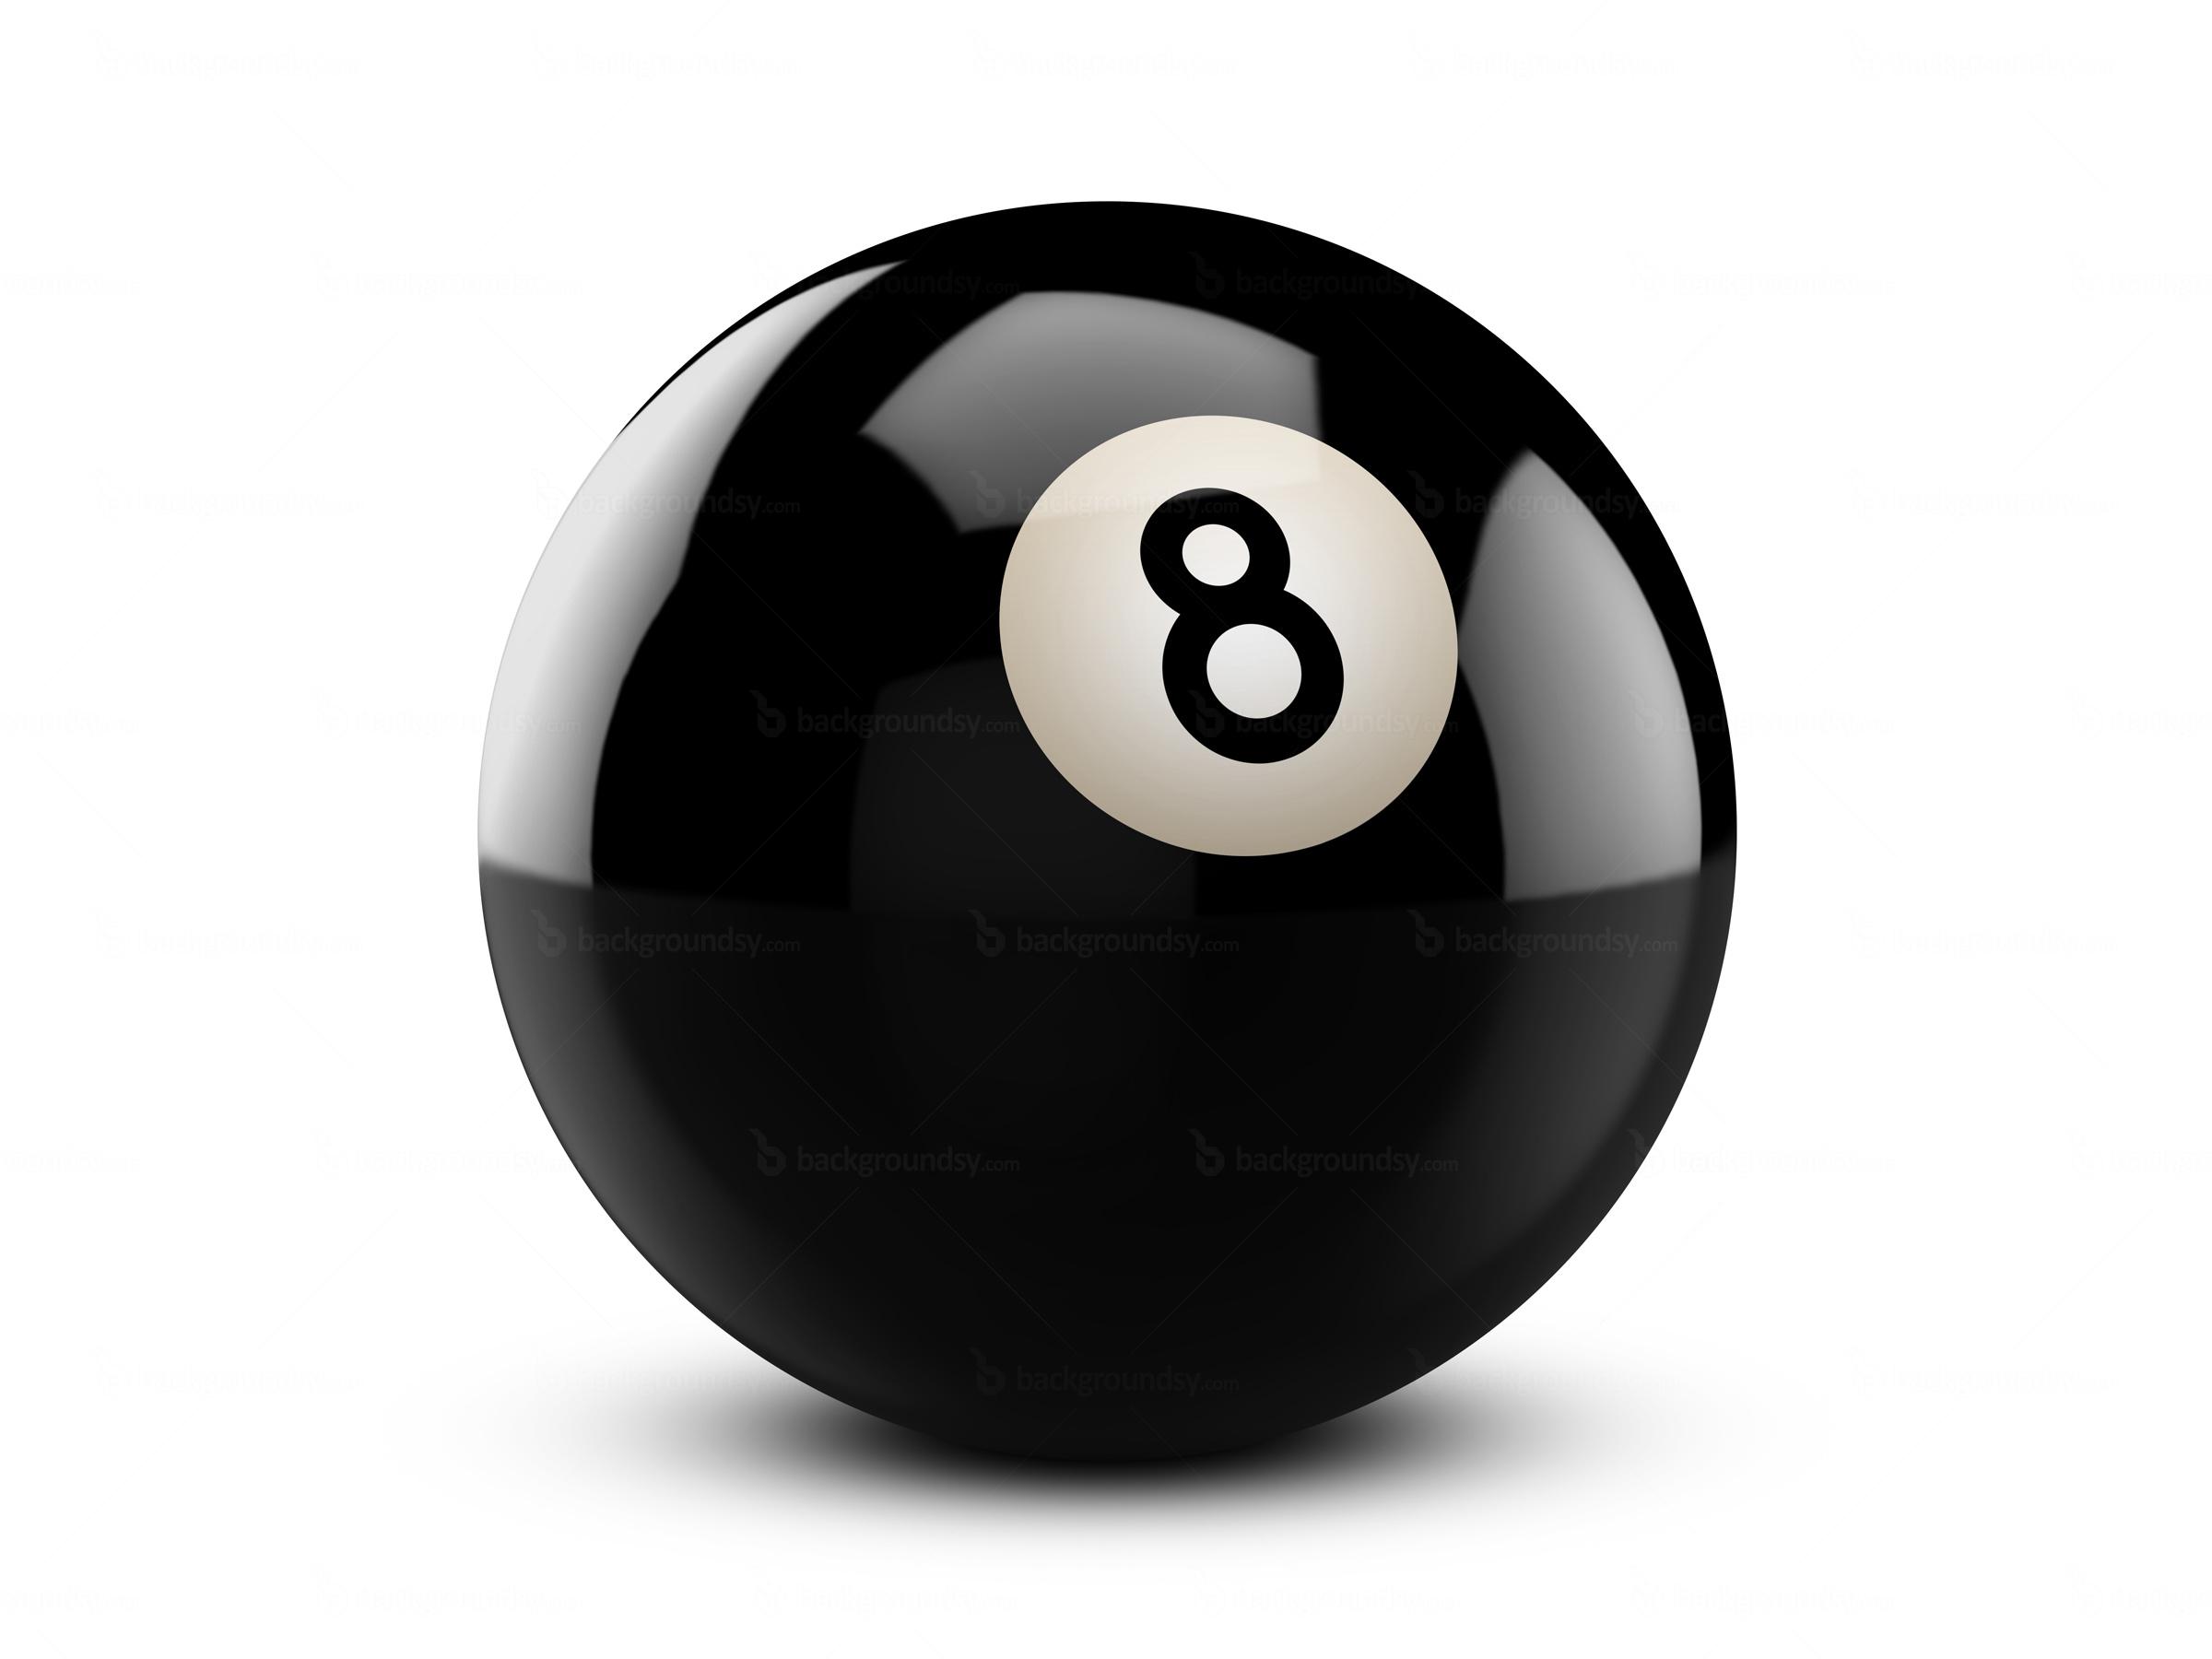 Топка за билярд номер 8 ,черна , Aramith , Crazy ball